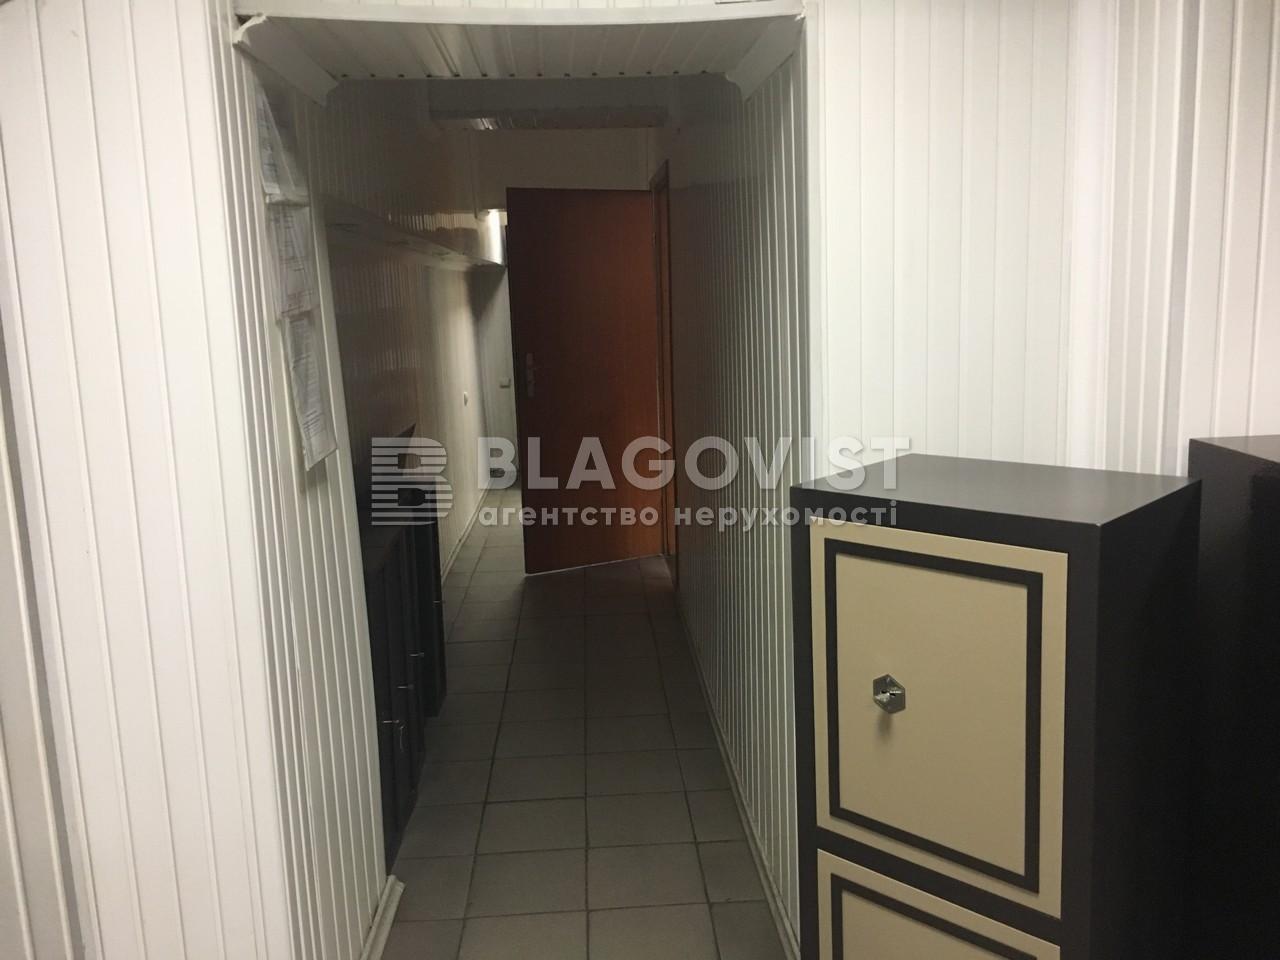 Нежилое помещение, Z-274217, Джона Маккейна (Кудри Ивана), Киев - Фото 6